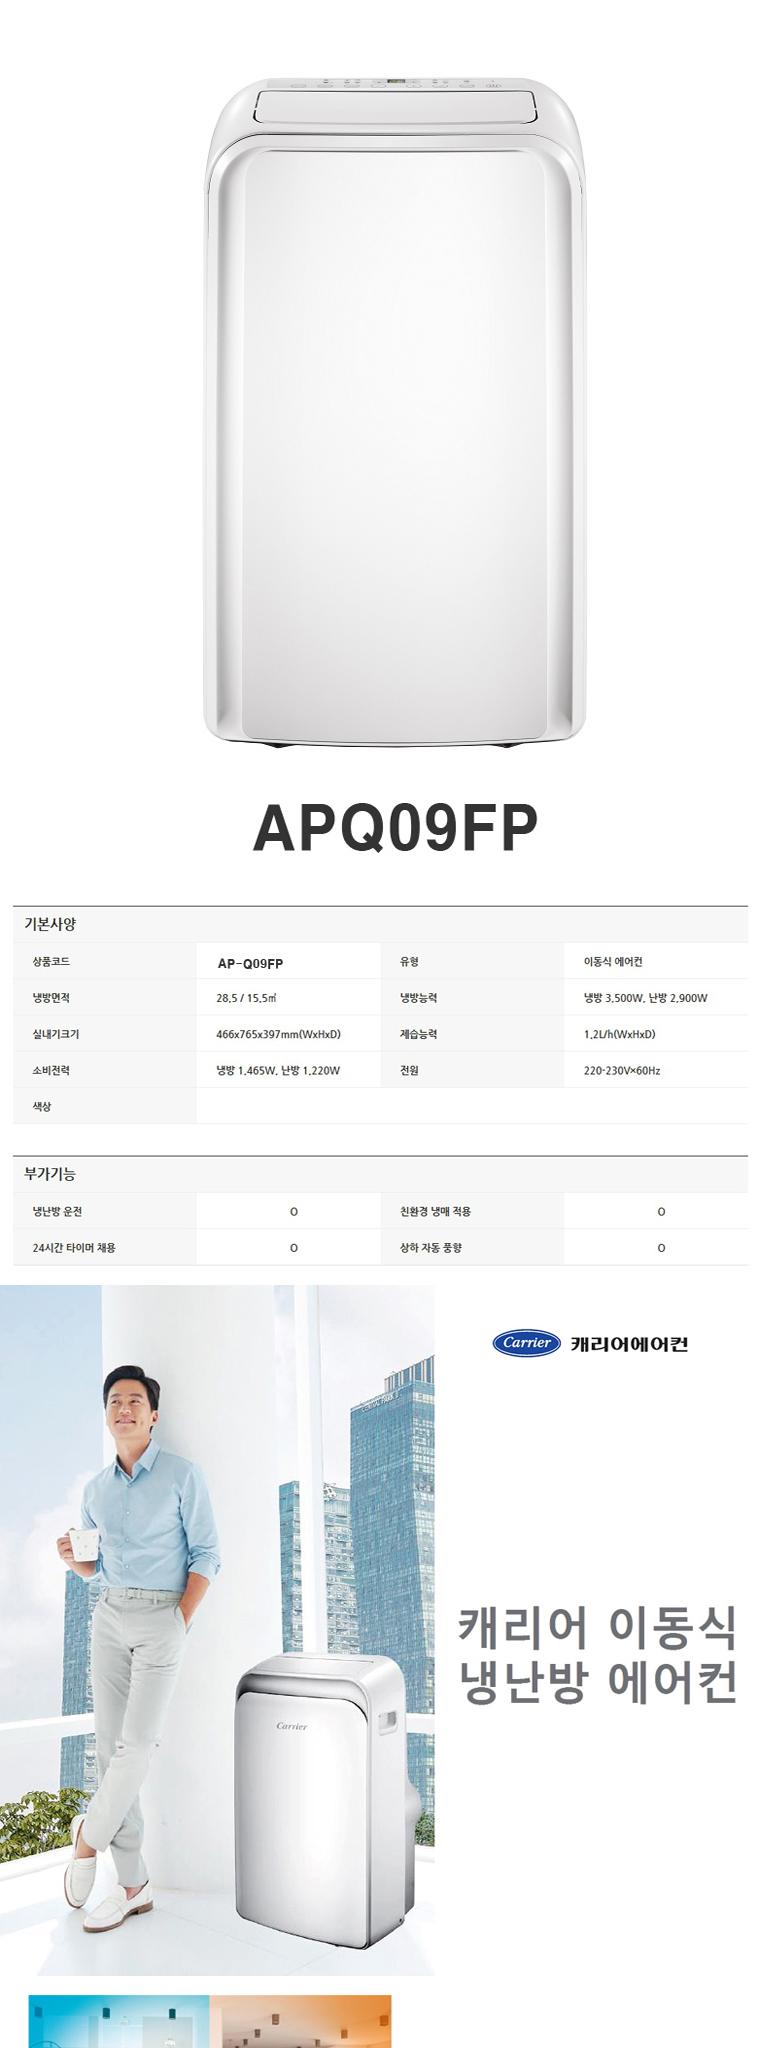 [무료배송] 캐리어에어컨 AP-Q09FP - 상세정보